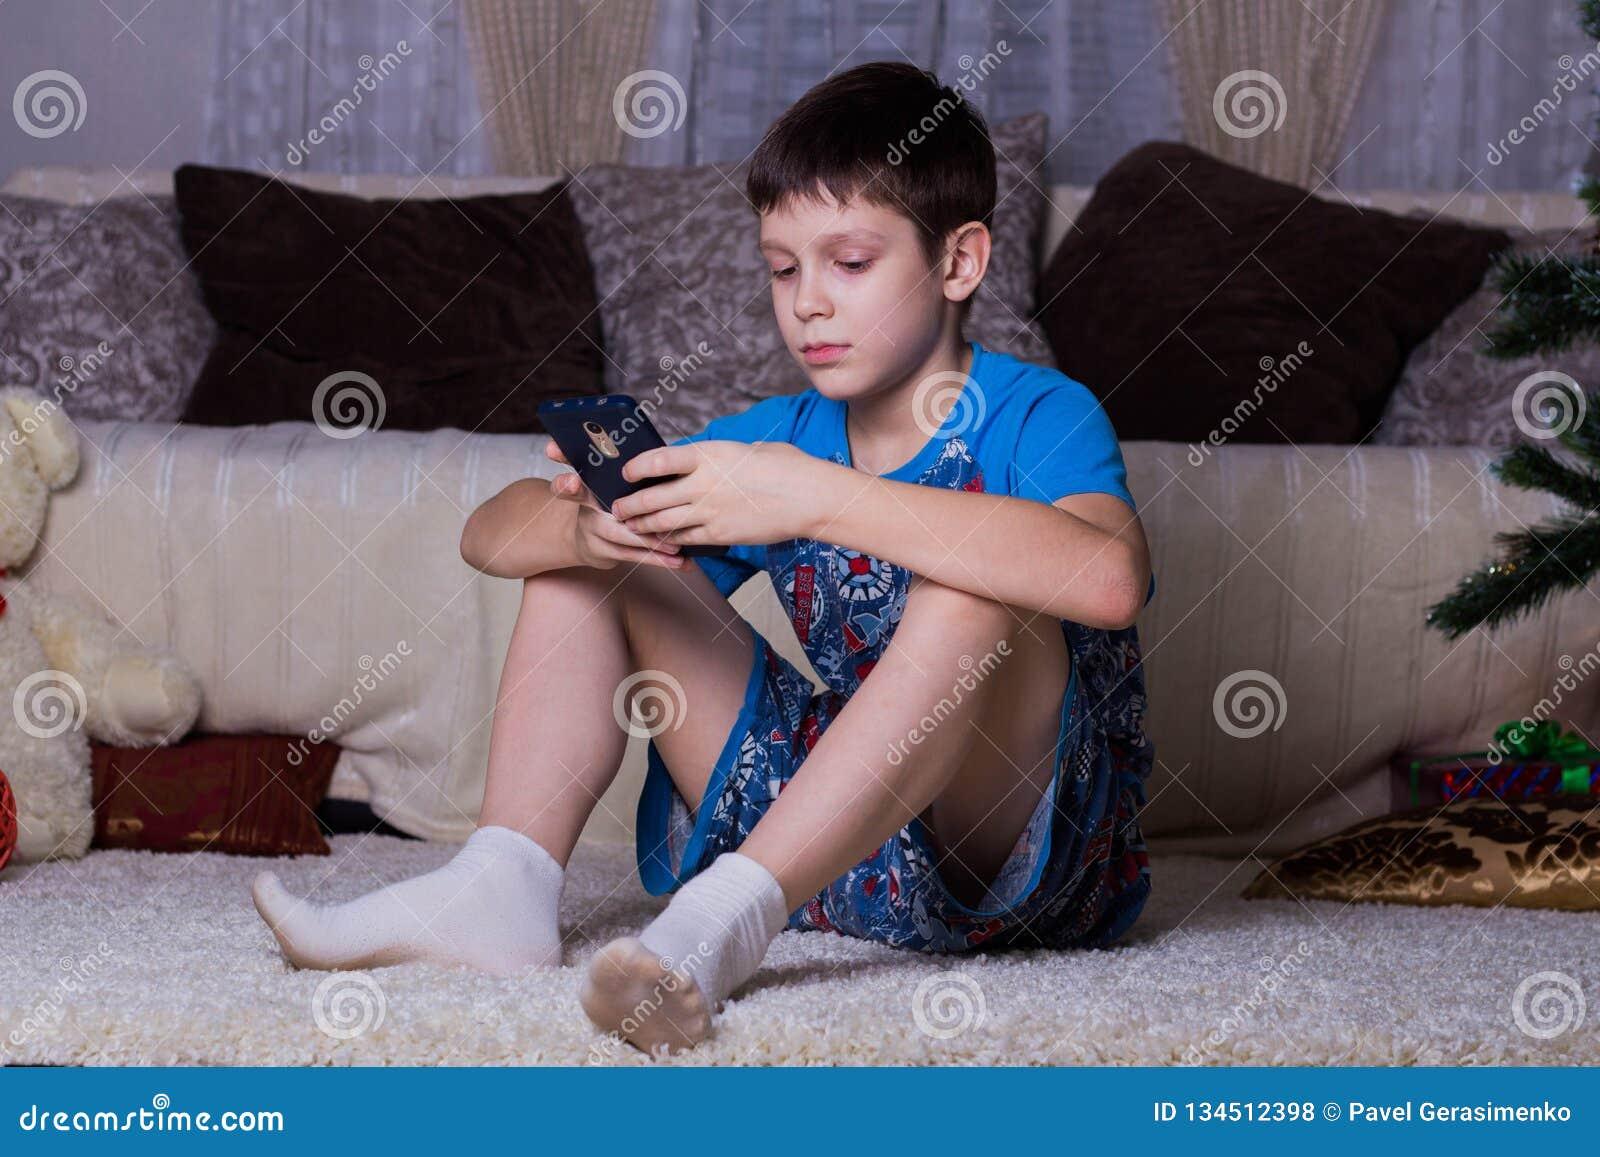 Kinderen, technologie, Internet-mededeling en mensenconcept - jongen met smartphone texting bericht of speelspel thuis